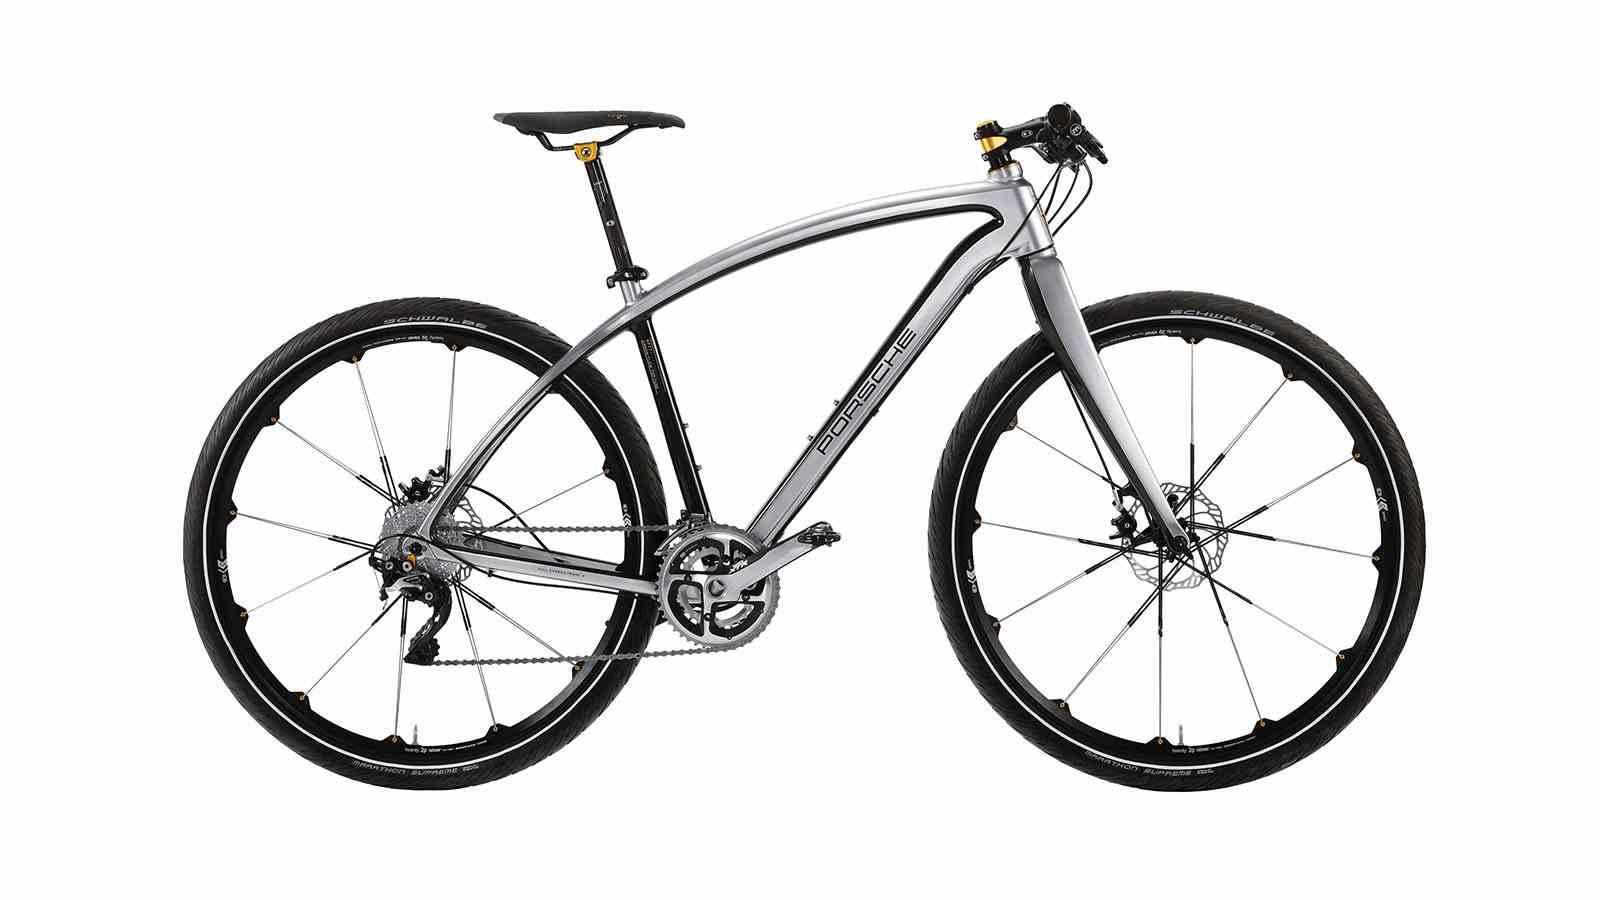 Велосипед Porshe RS с 20-ступенчатой трансмиссией